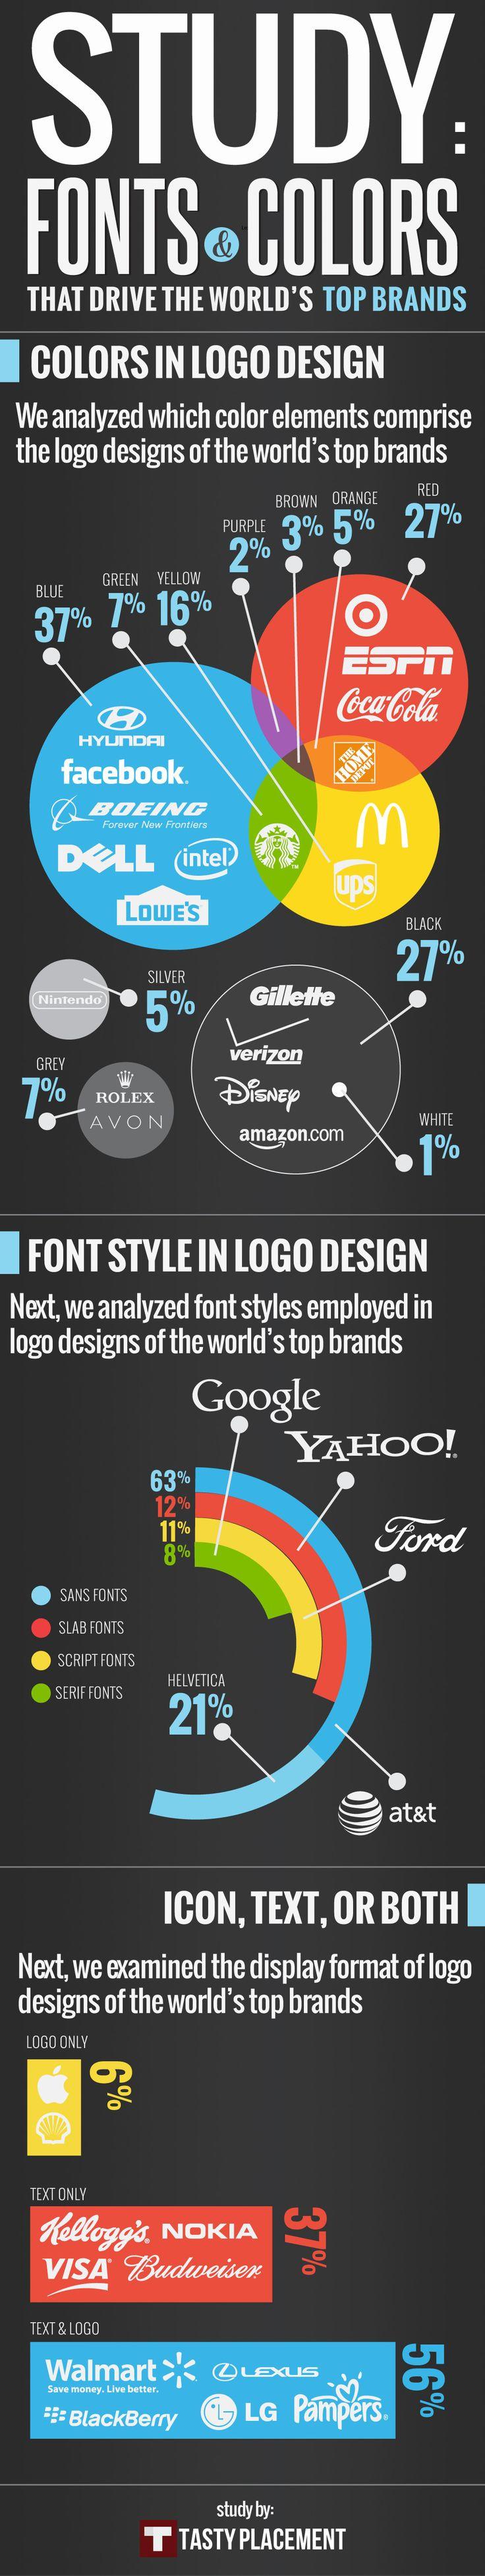 Font-Logo-Color.jpg (1004×5330)